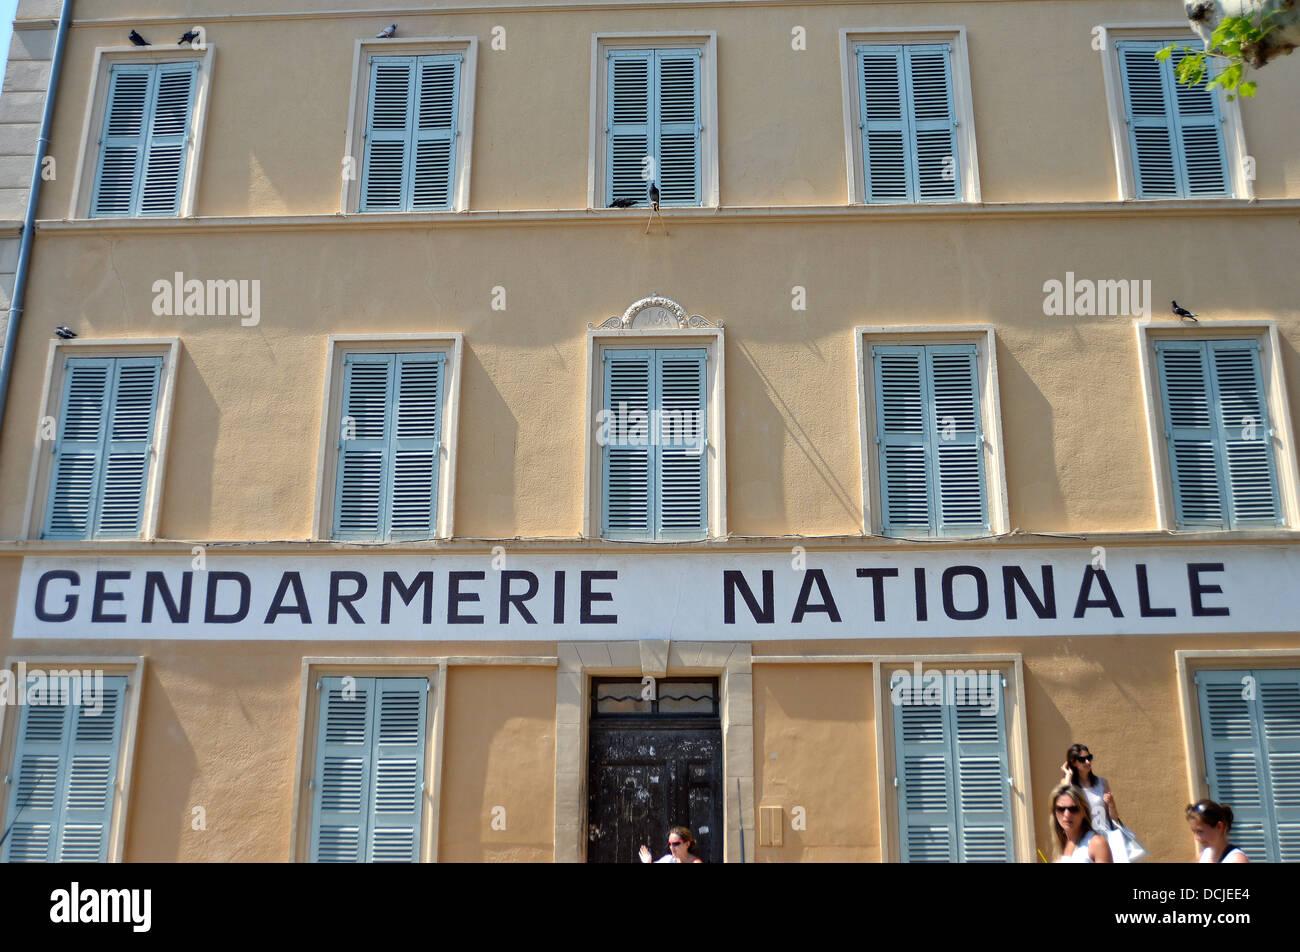 Gendarmerie Nationale building, cinema museum, Saint-Tropez, Var, Cote d'Azur , France - Stock Image